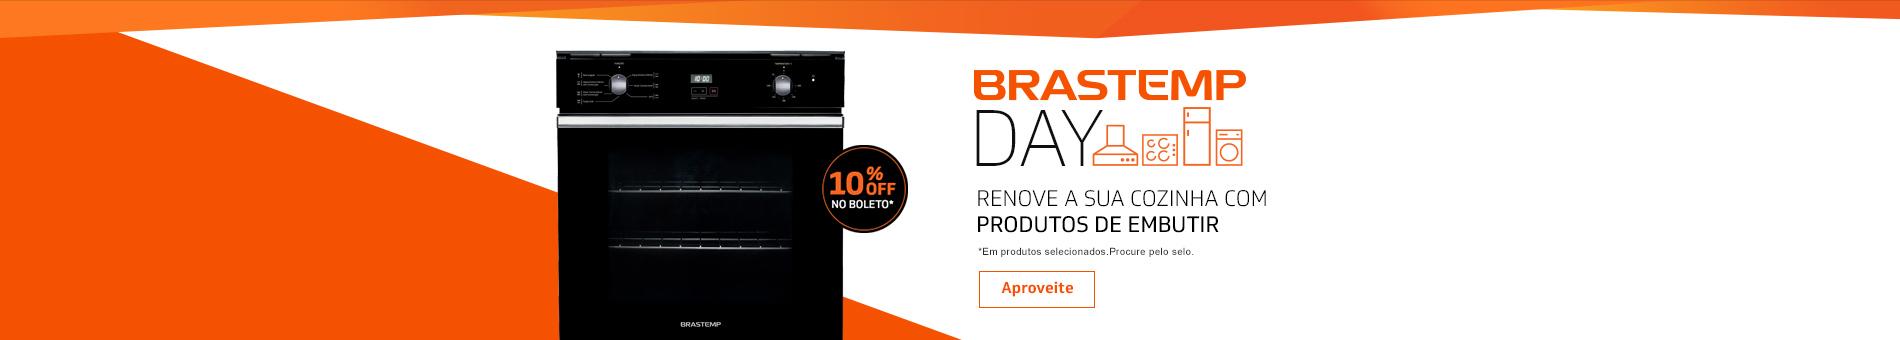 Promoção Interna - 1187 - brastempday_embutir_2122016_home4 - embutir - 4